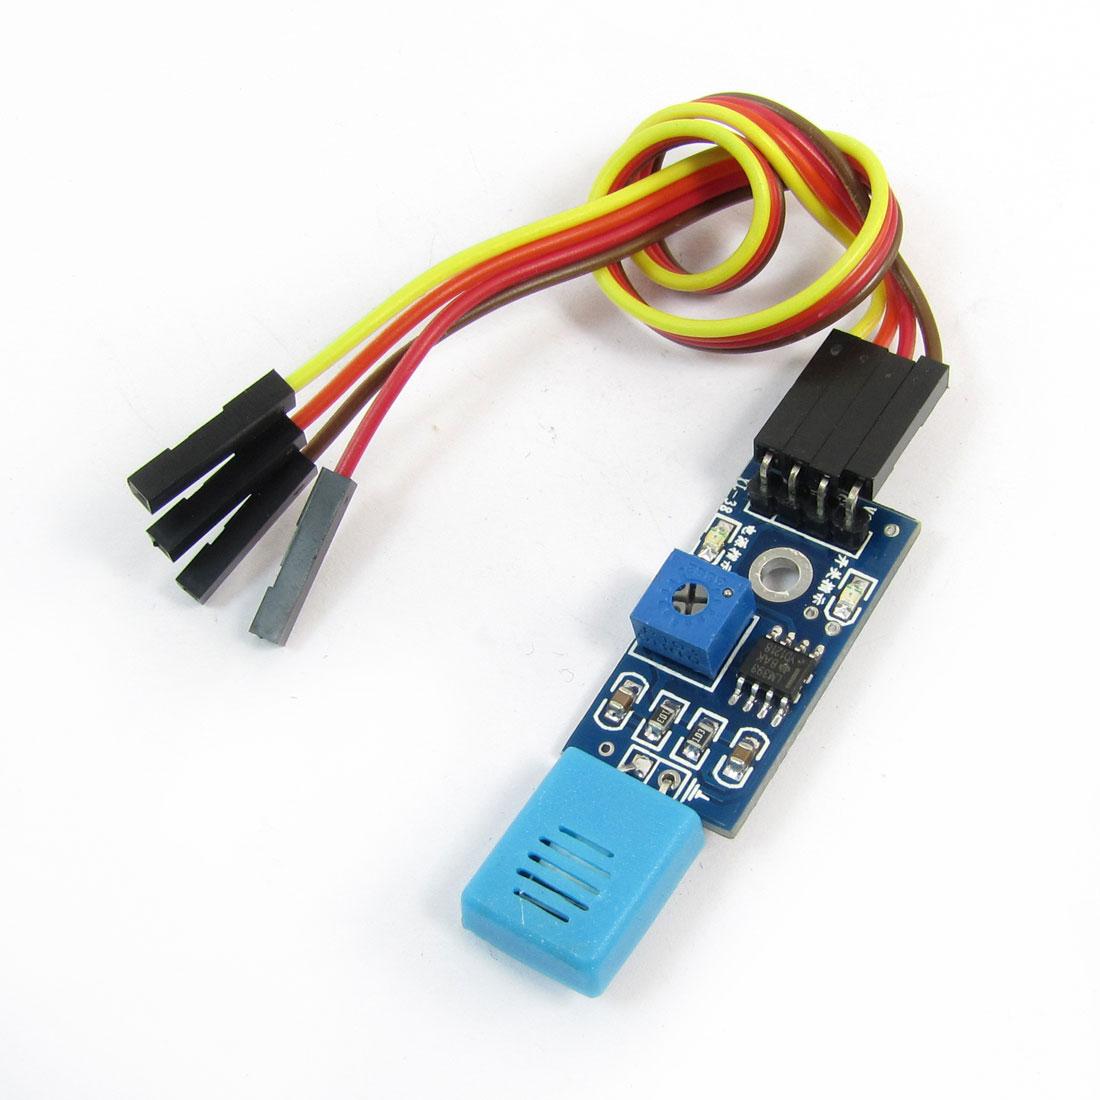 PCB Board Universal Temperature Humidity Sensor Module DC 3.3-5V